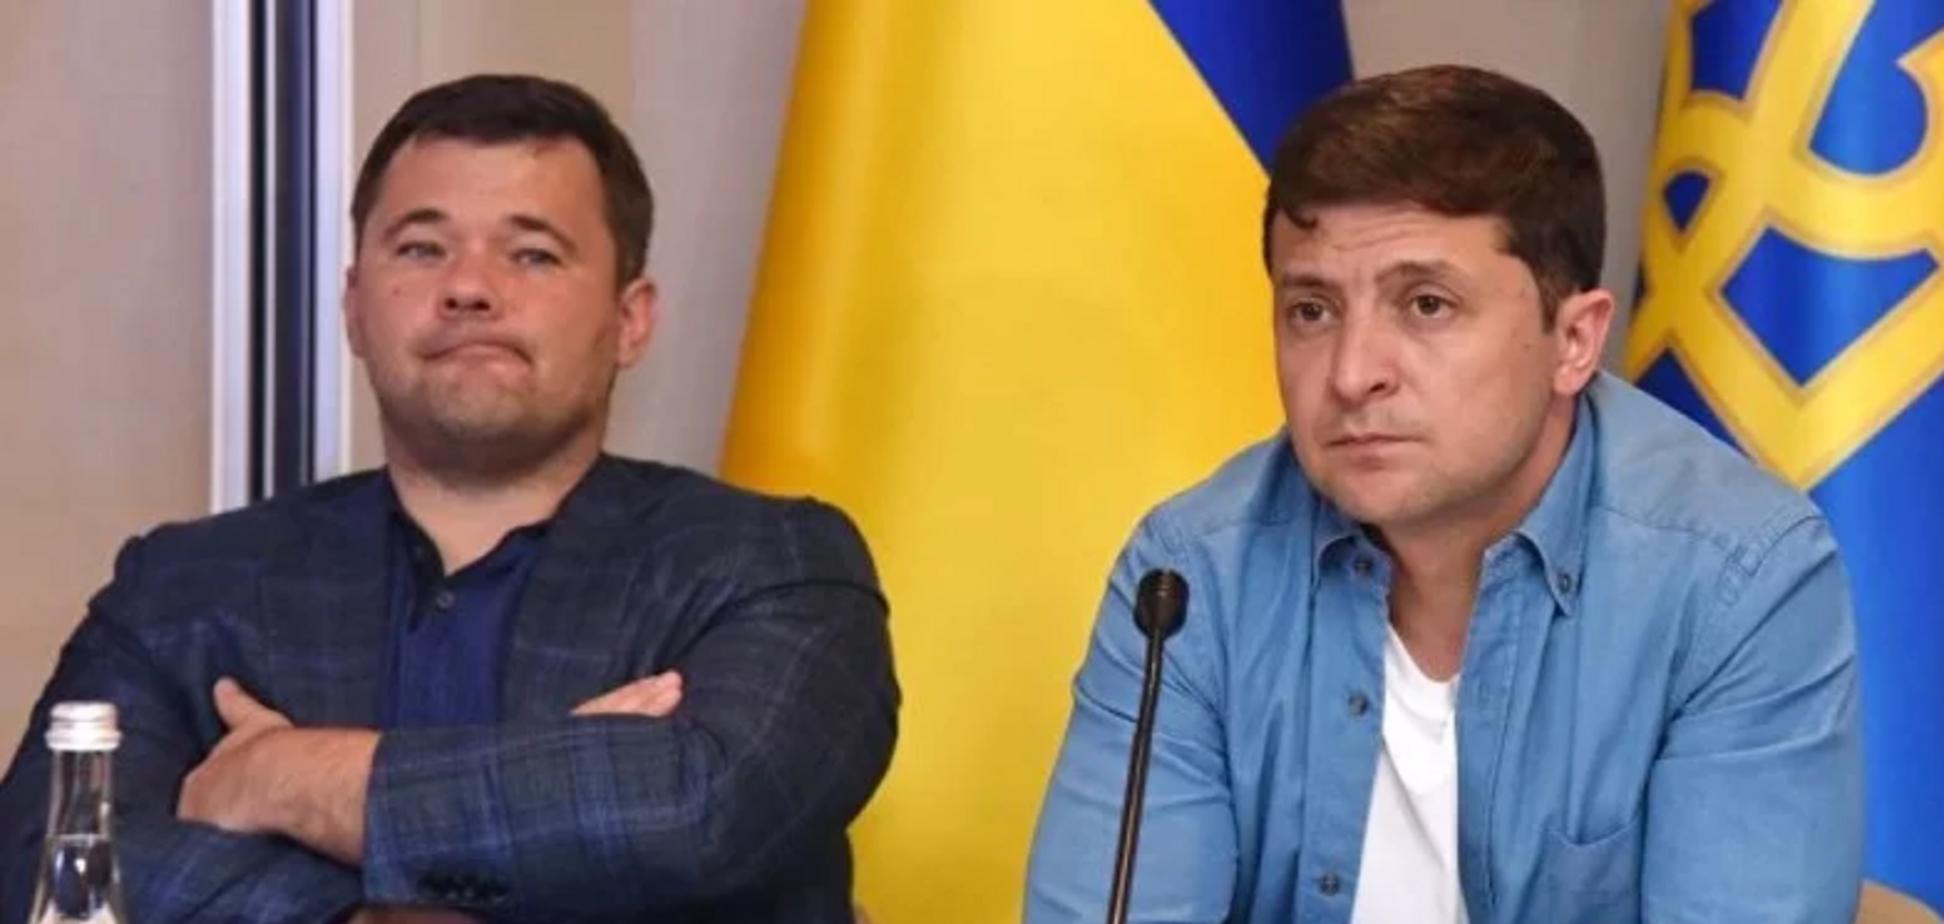 Богдан начал плести интриги против Зеленского: журналистка раскрыла подробности